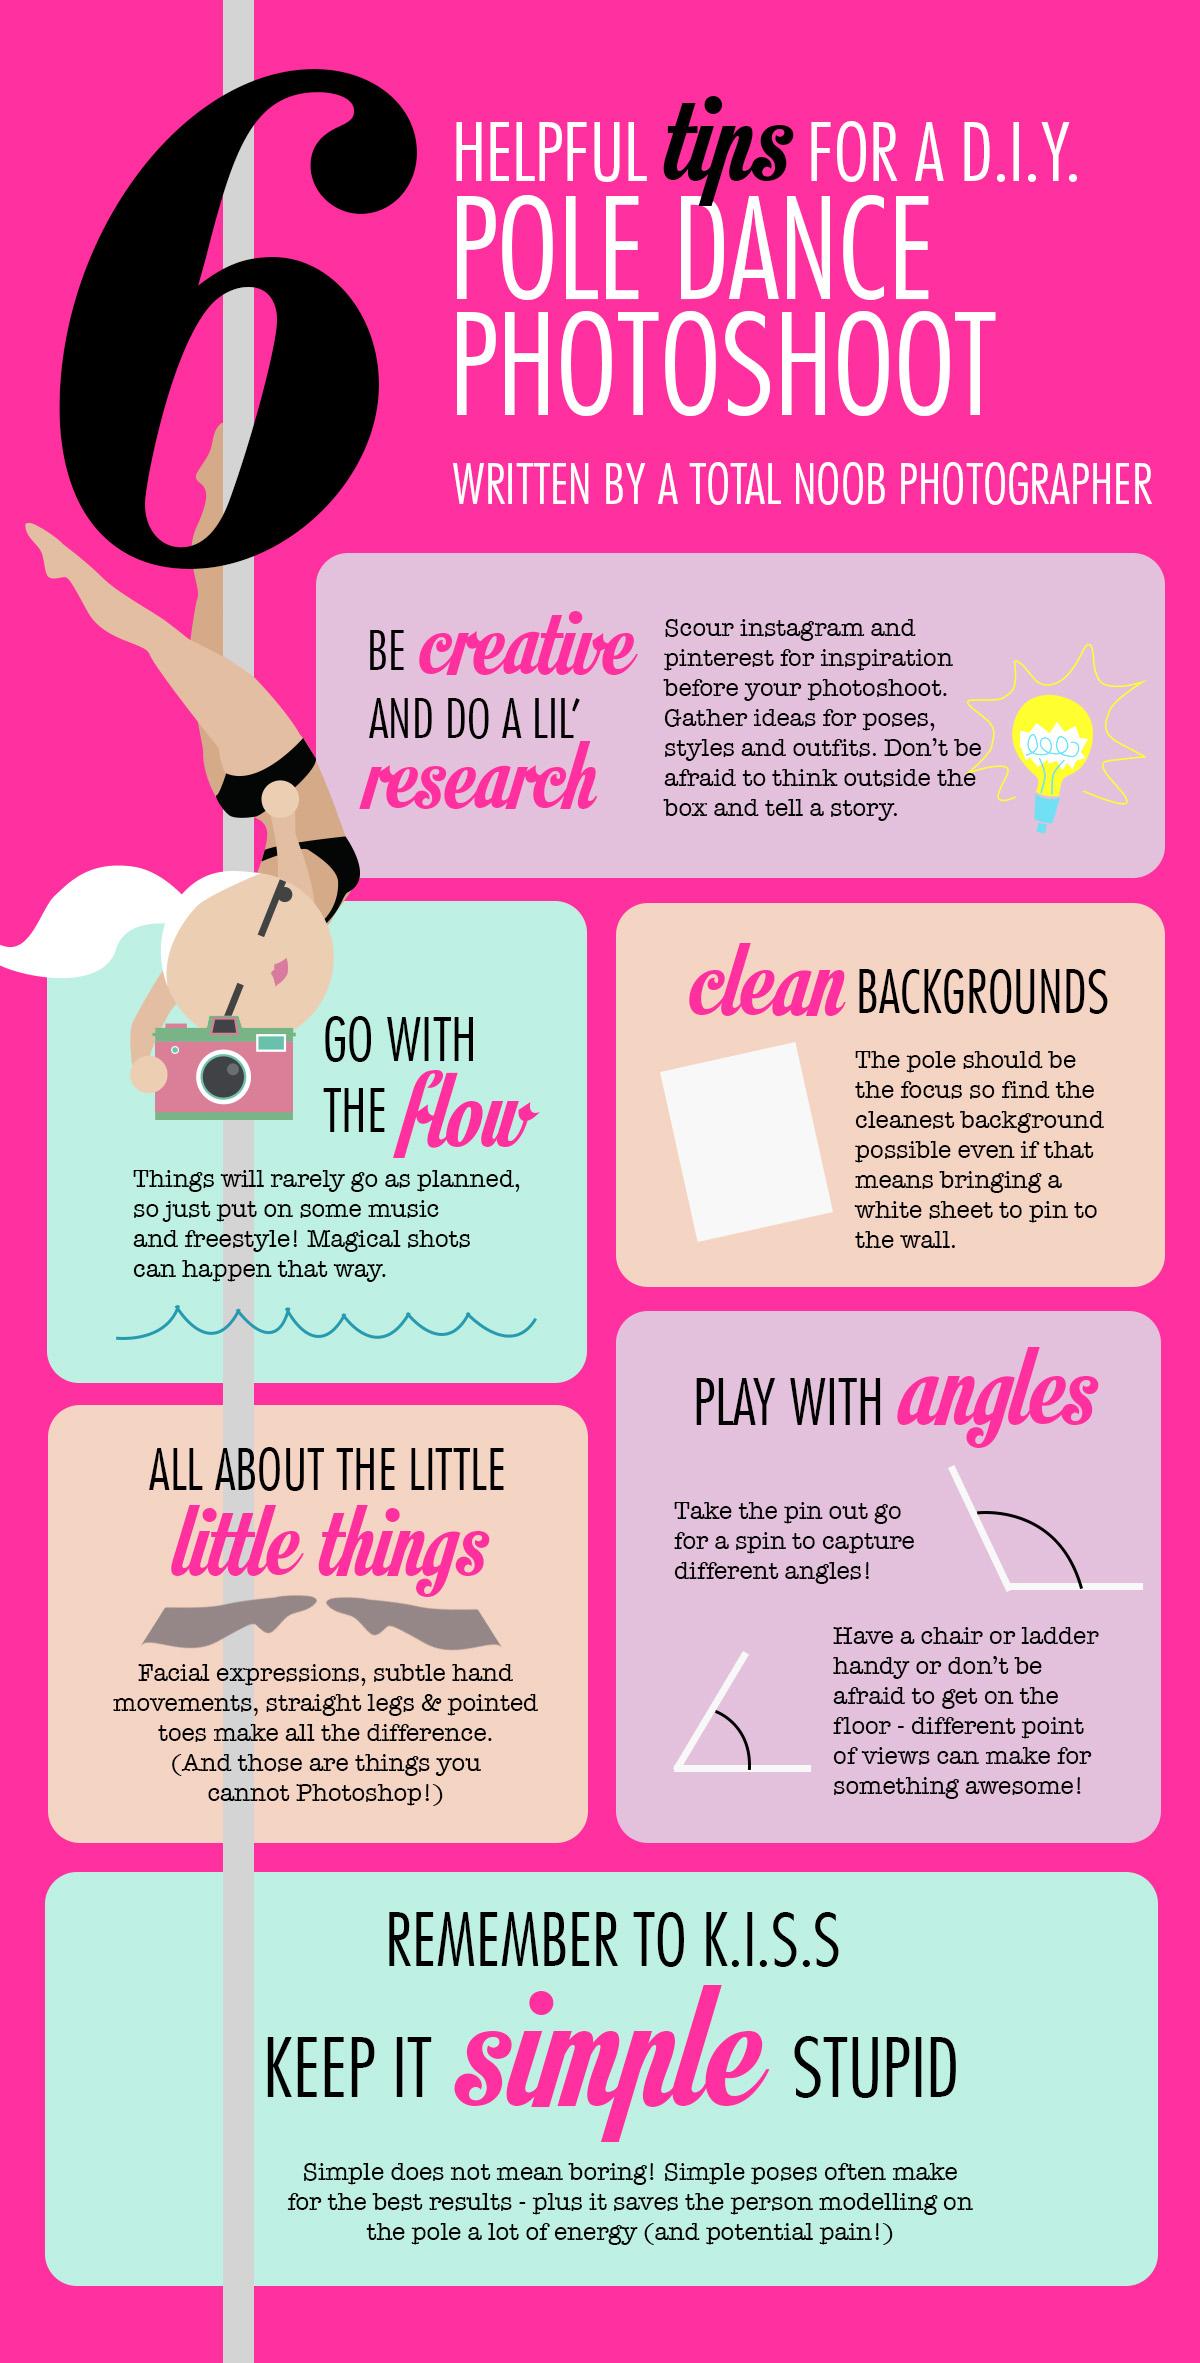 photoshoot-infographic